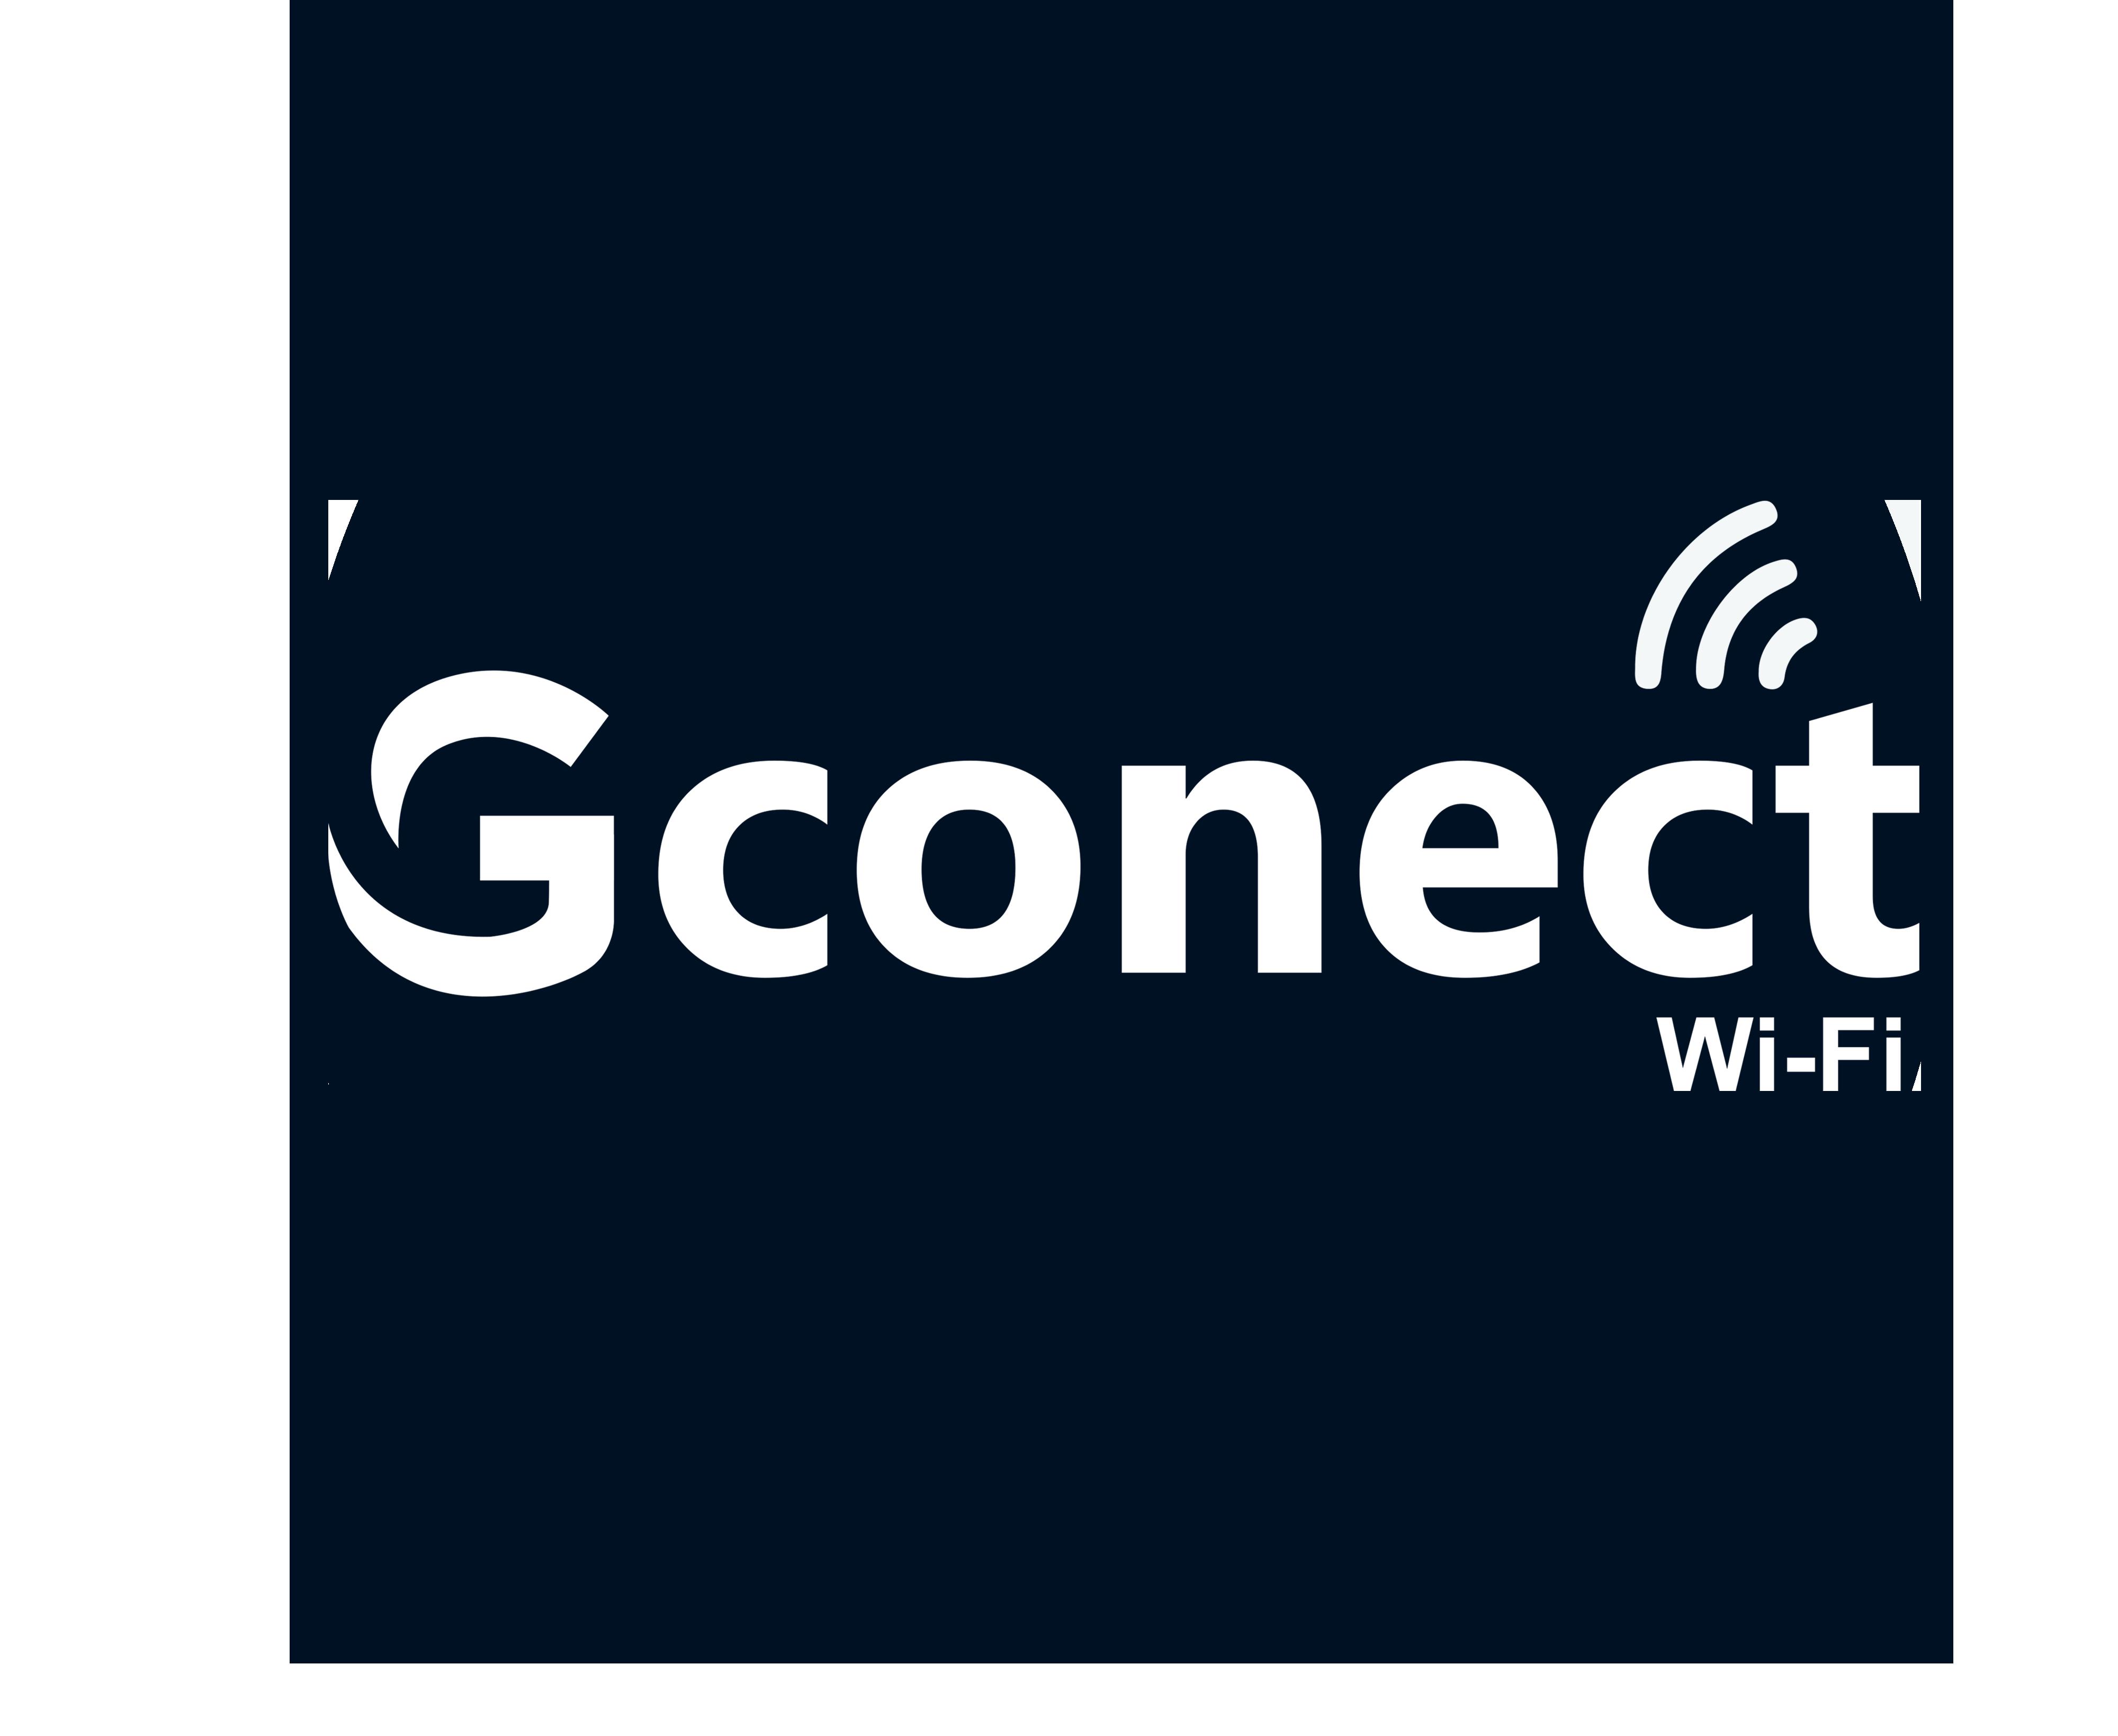 Gconect informática